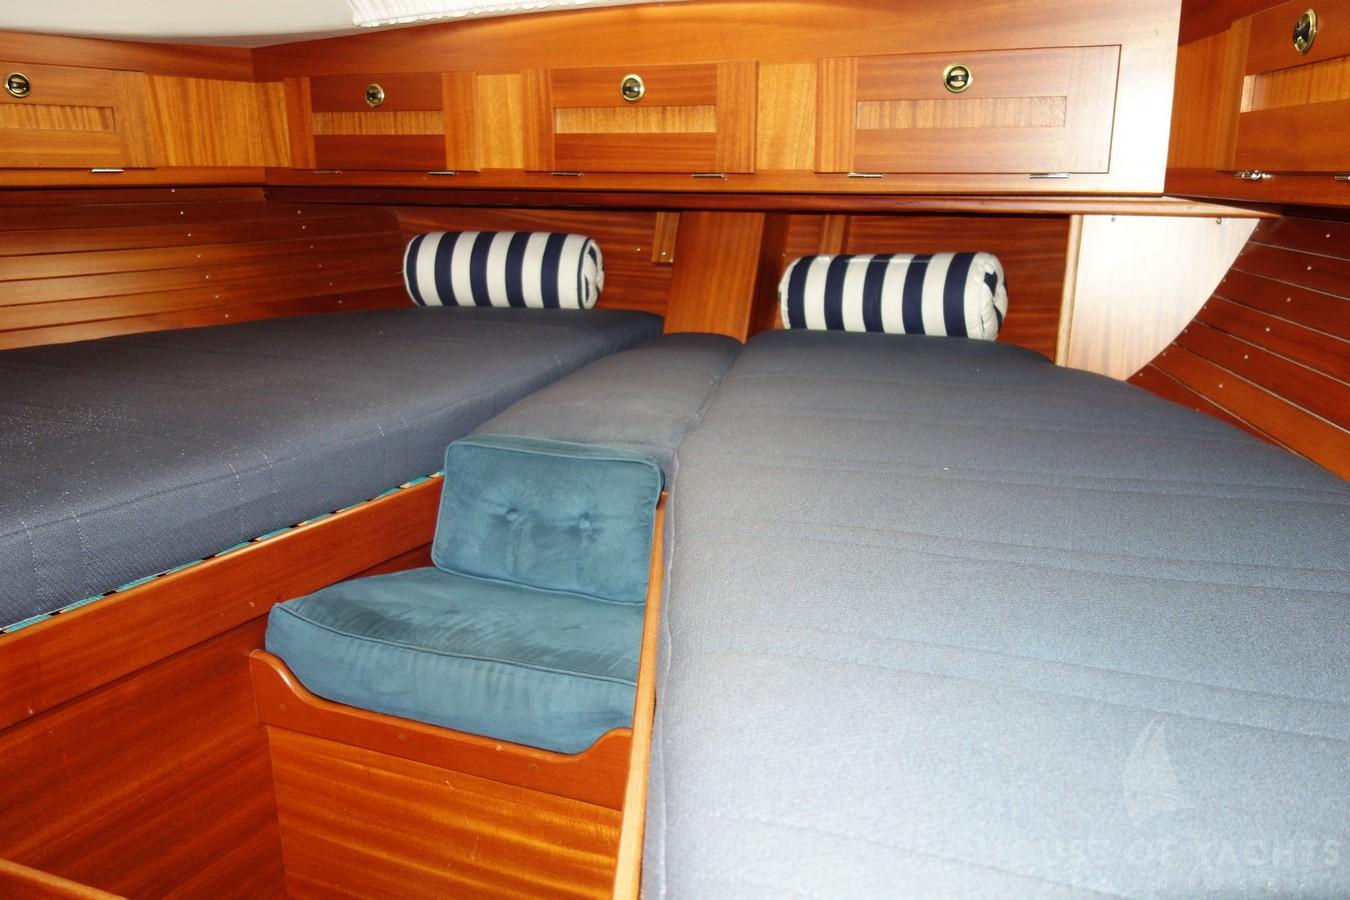 Hallberg-Rassy 39 MK1 - House of Yachts